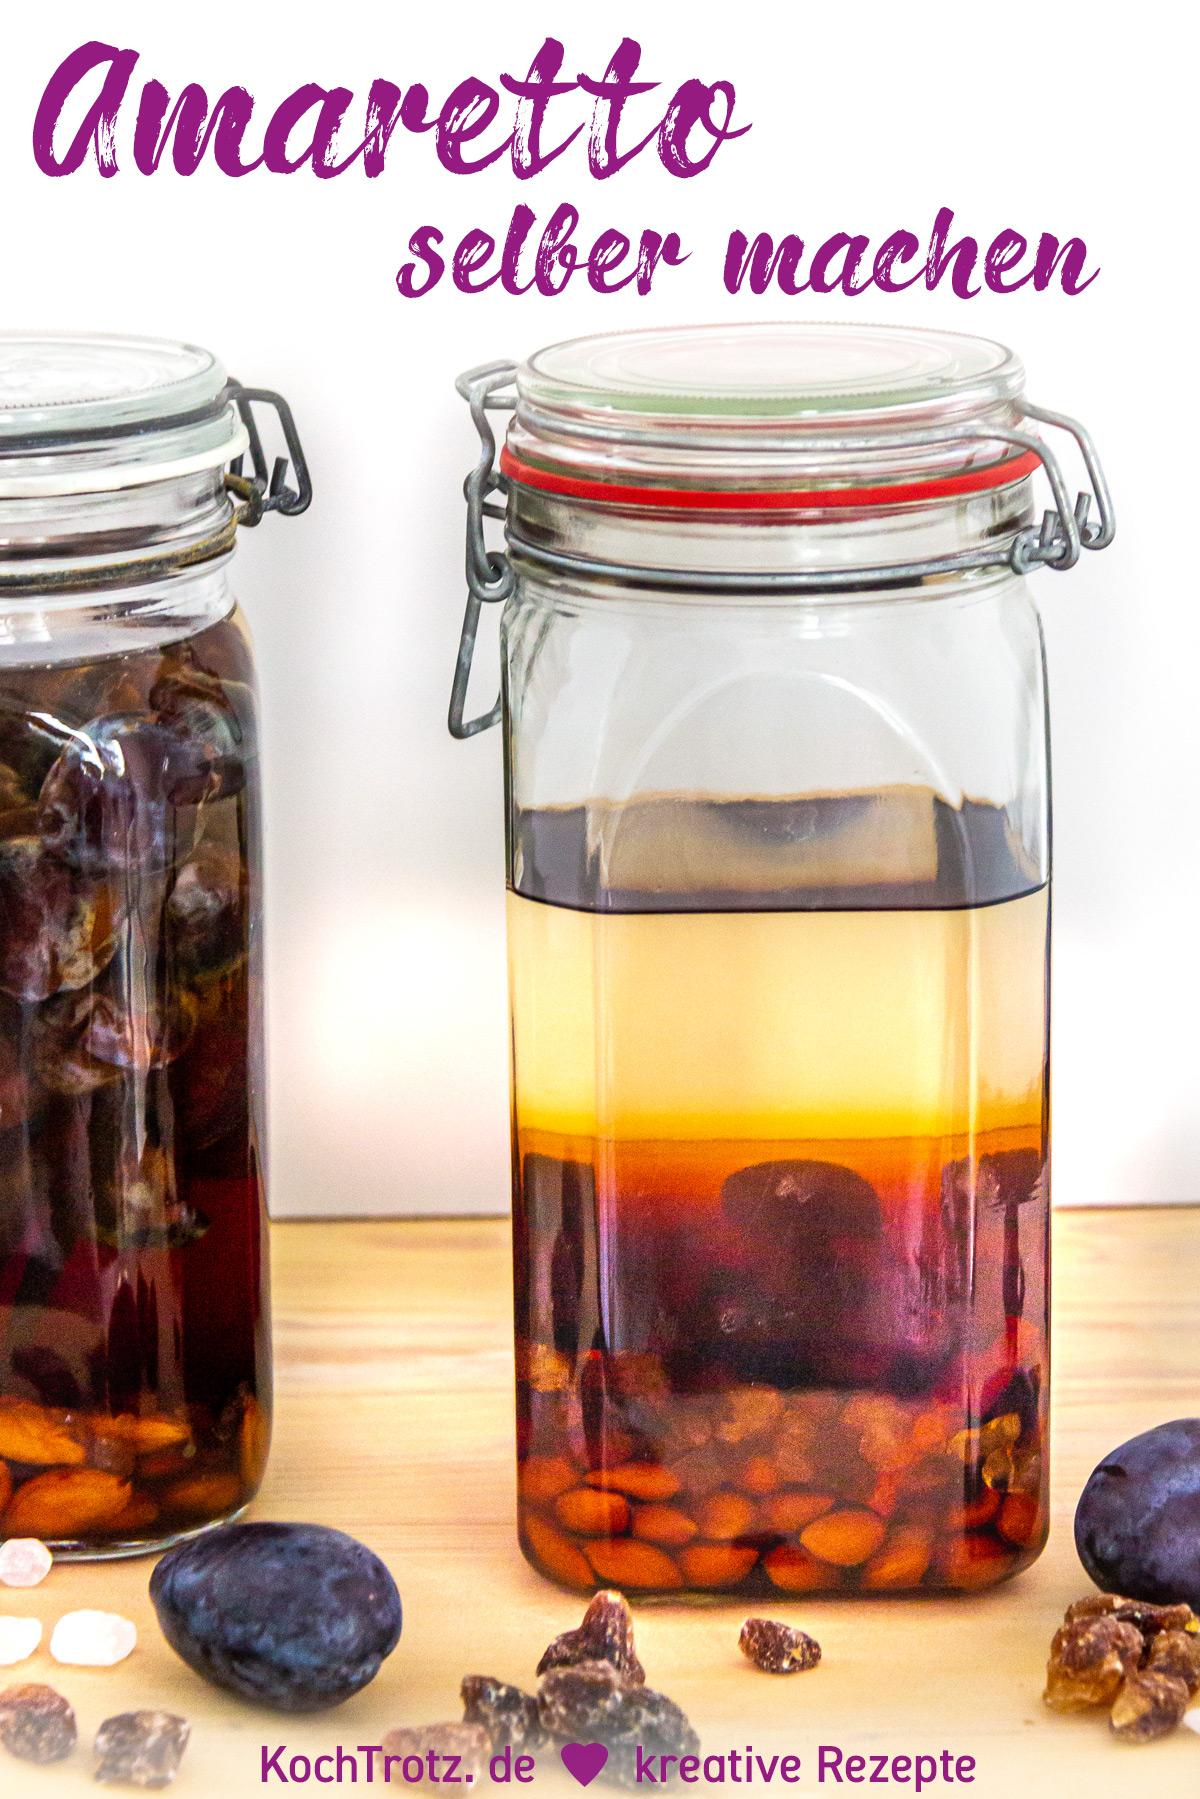 KochTrotz TOP5 in 2019 | Platz 1 | Rezept Amaretto selber machen aus Pflaumenkernen oder Kirschkernen